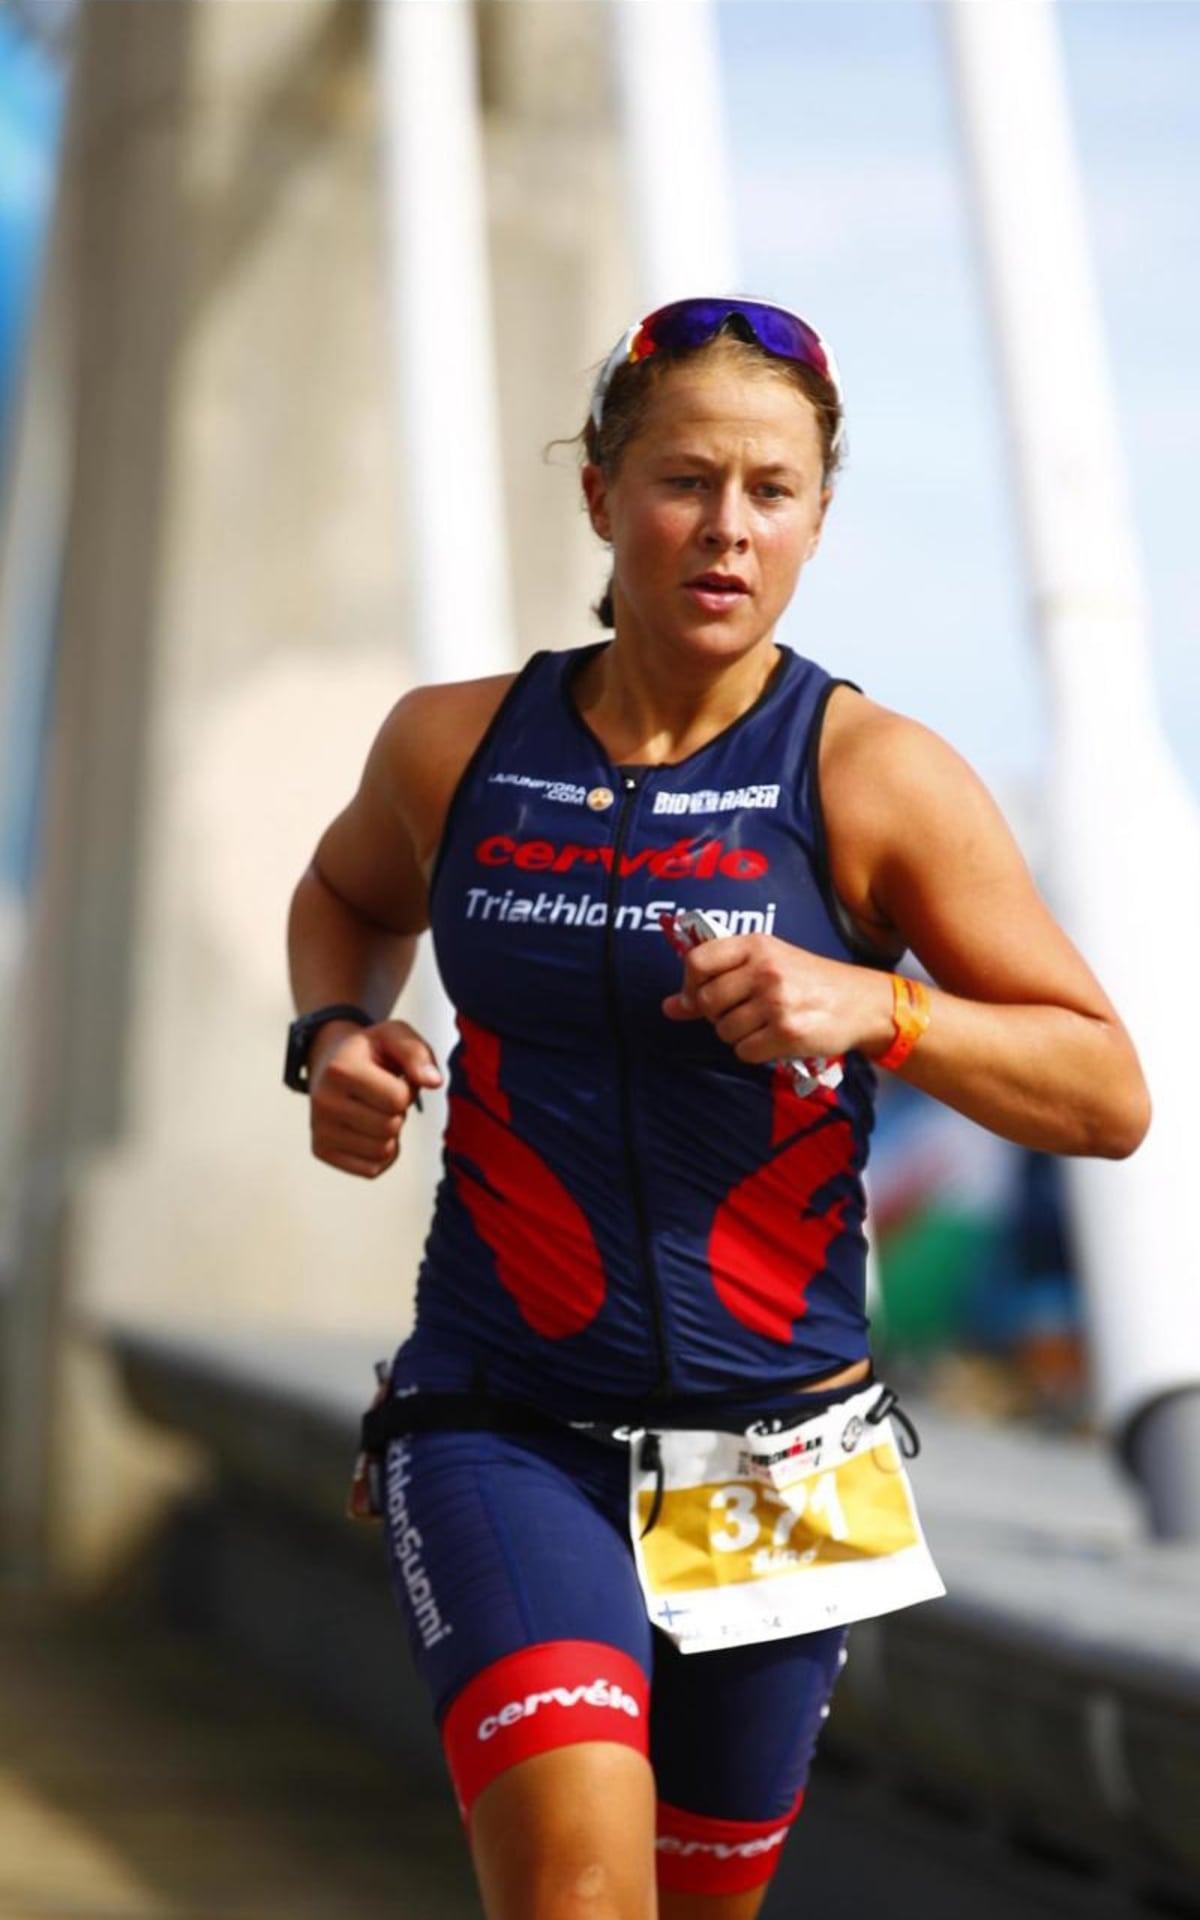 Aino Luoman kehitys triathlonin parissa on ollut hurjaa.